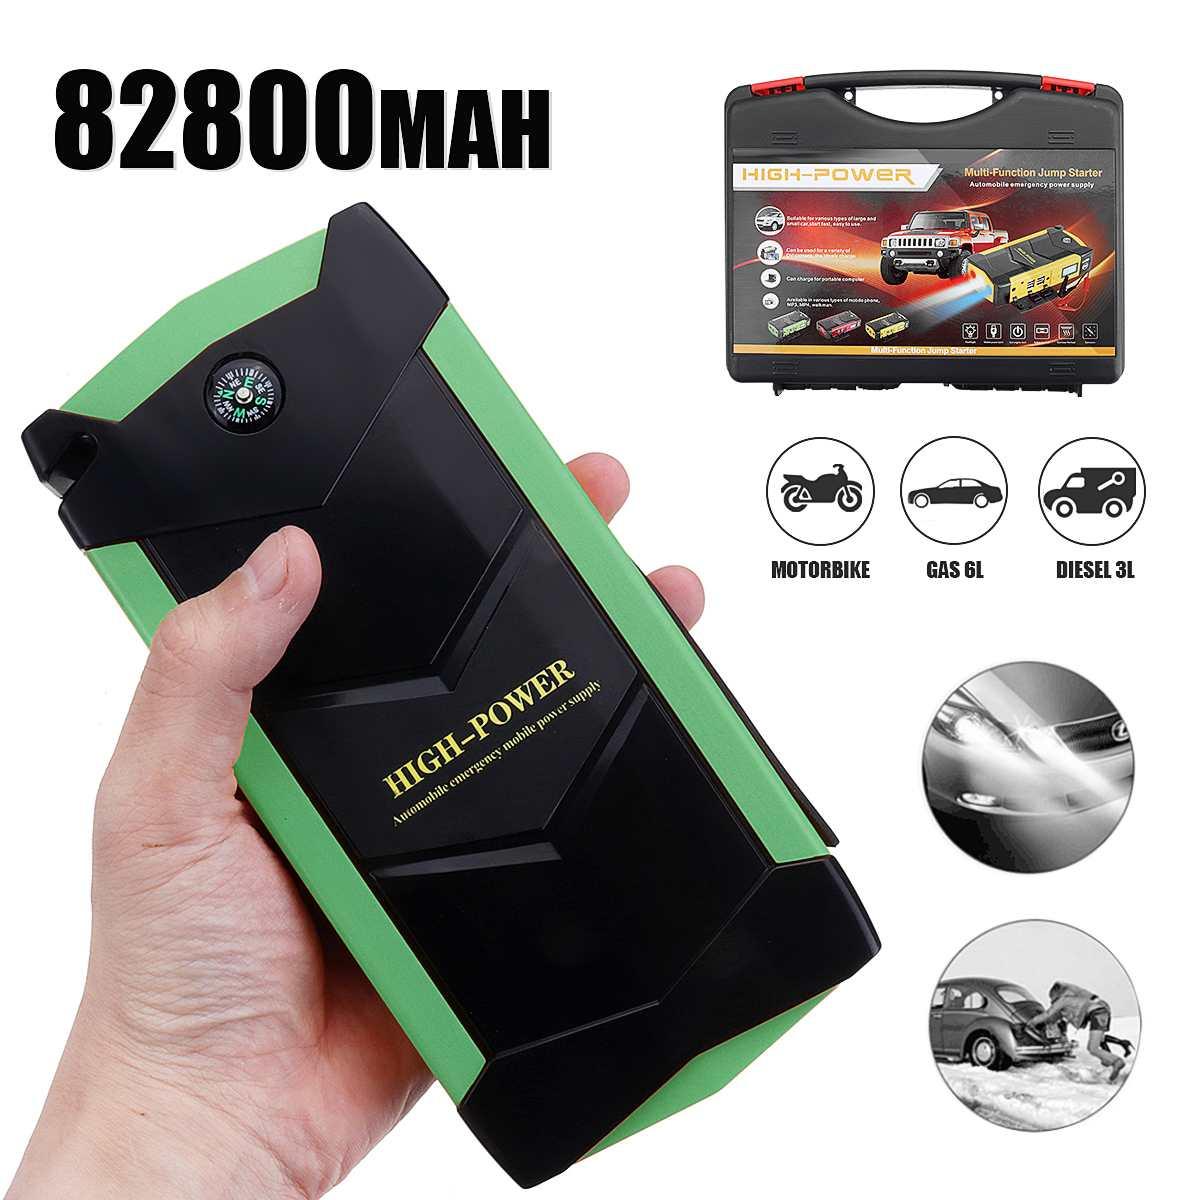 12 V 82800 mAh 4USB haute puissance voiture saut démarreur batterie chargeur démarrage voiture Booster batterie externe Kit d'outils pour démarrage automatique dispositif